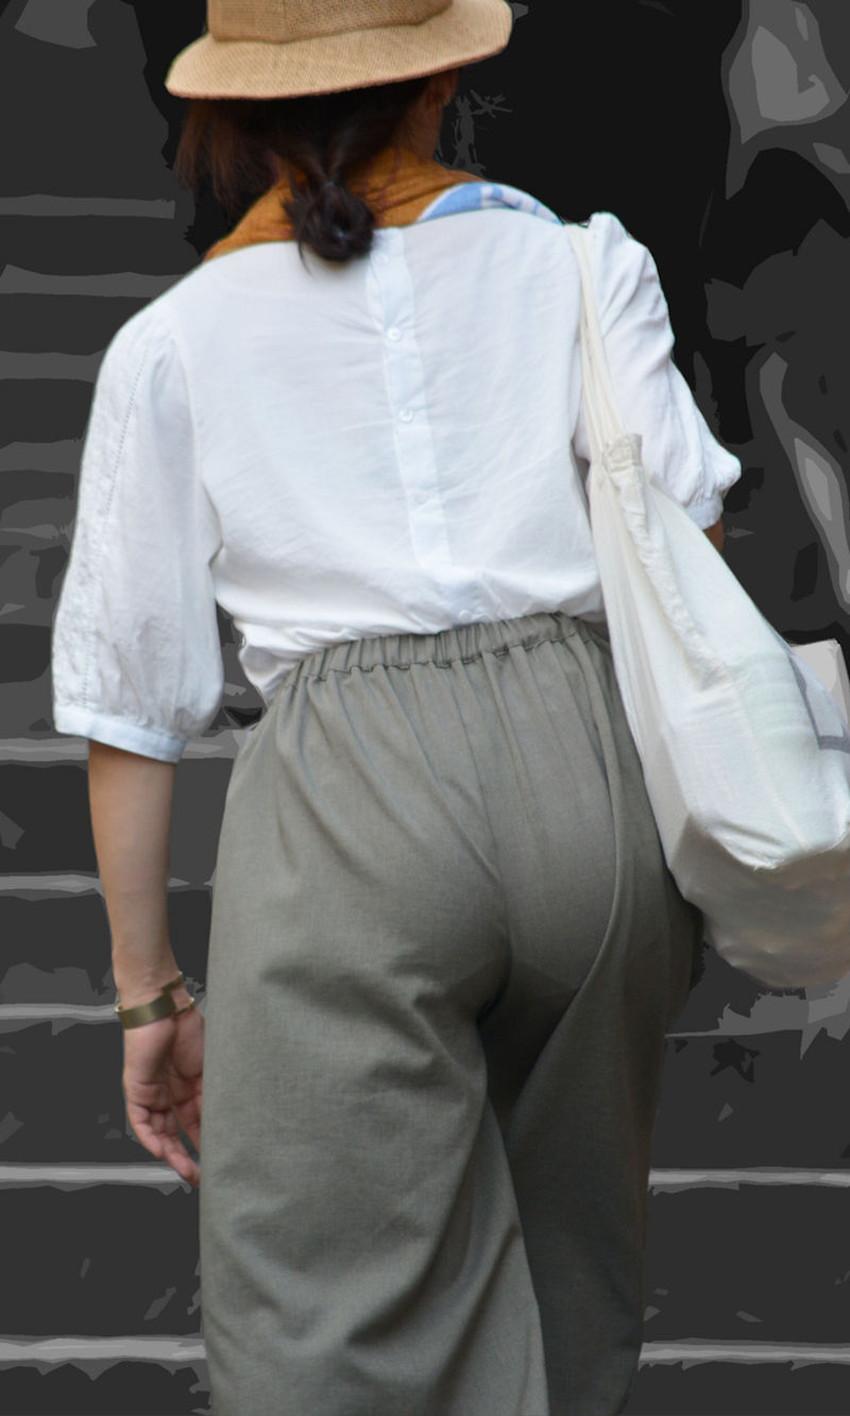 【ガウチョパンツエロ画像】街中で透けパンやパンティーラインが盗撮できちゃうガウチョパンツのエロ画像集ww!w【80枚】 26